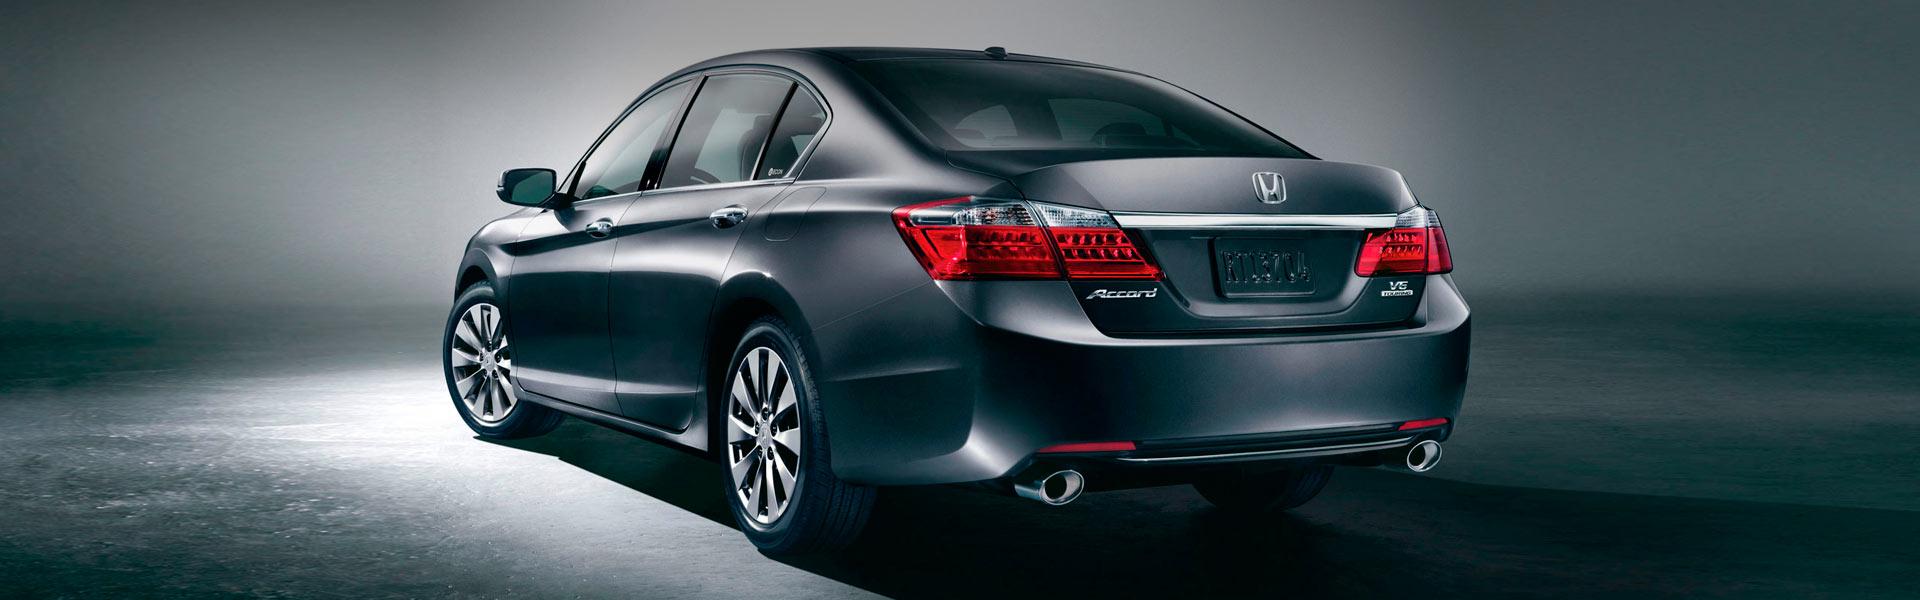 Сервис Honda Accord